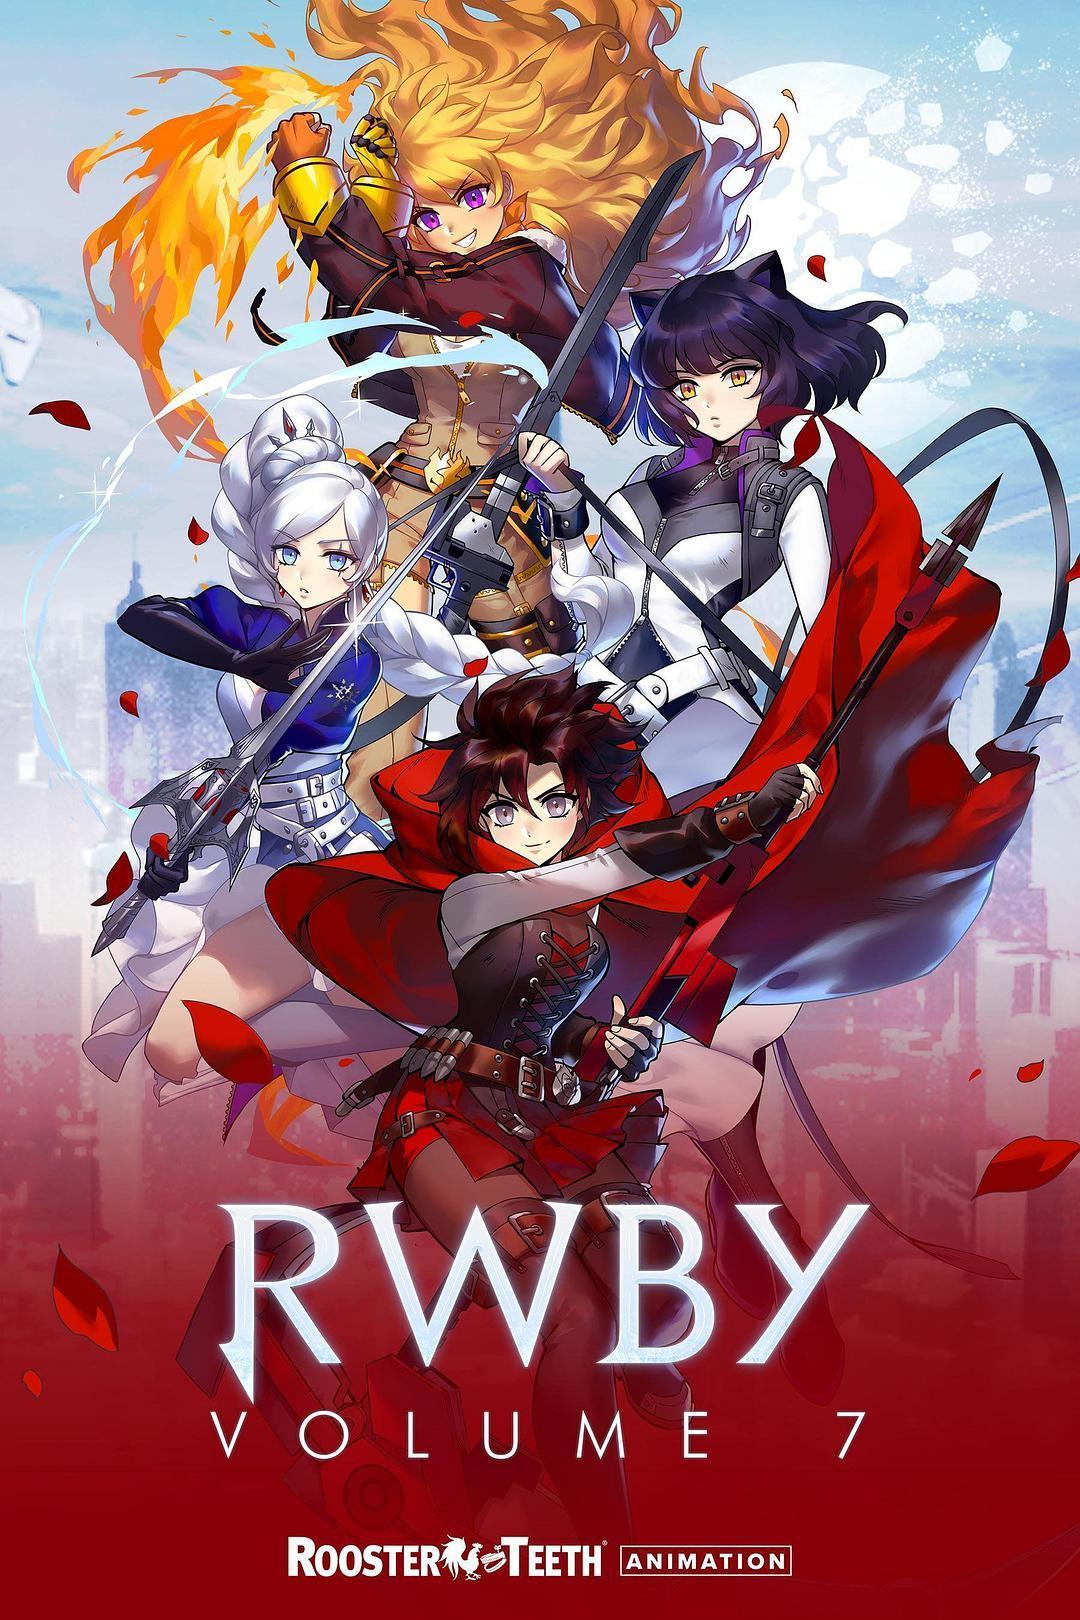 RWBY Season 7